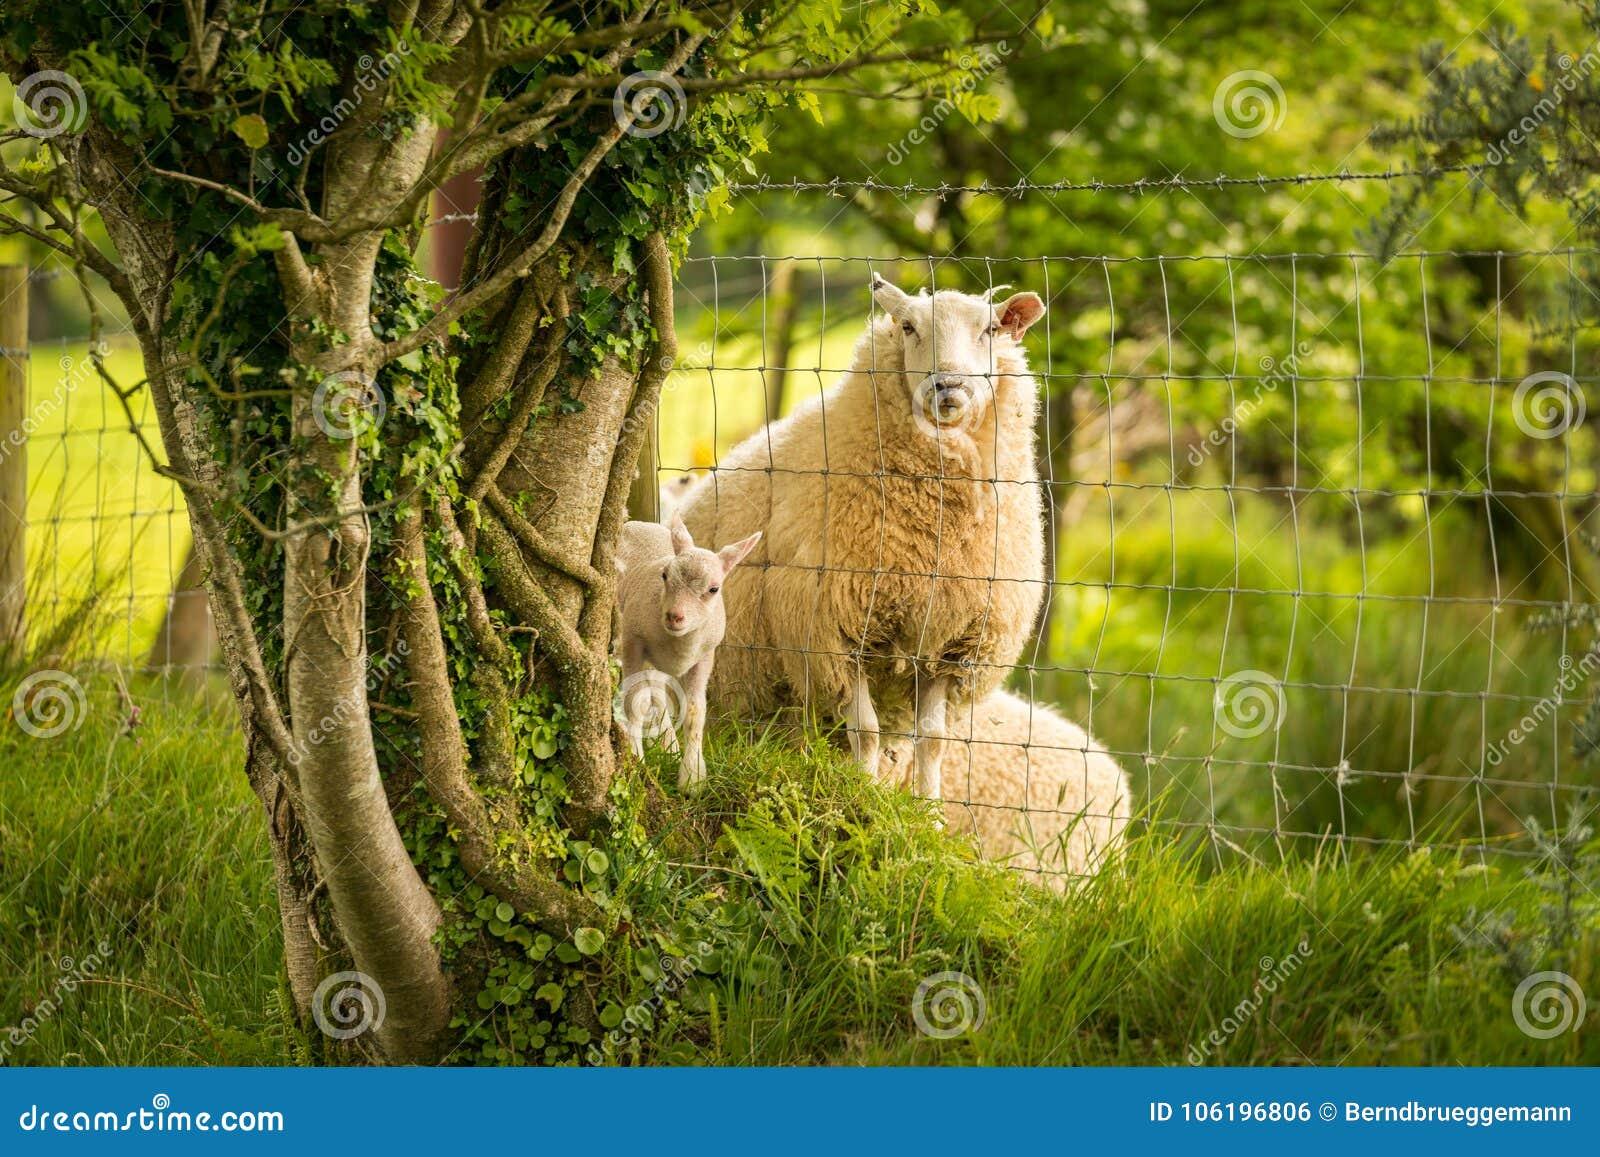 Lamm und Schafe geteilt durch einen Zaun